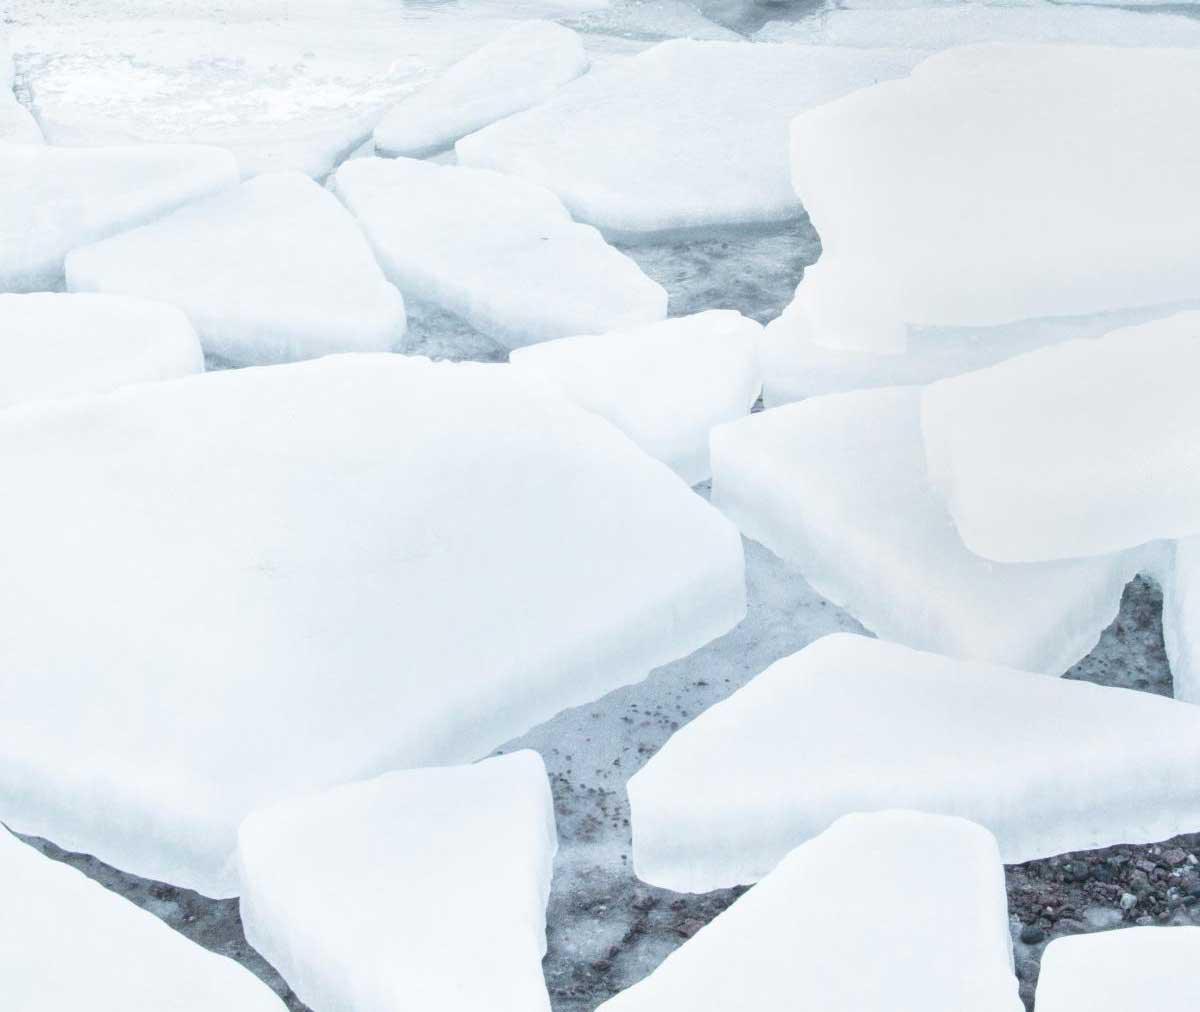 Brisons la glace ;-)